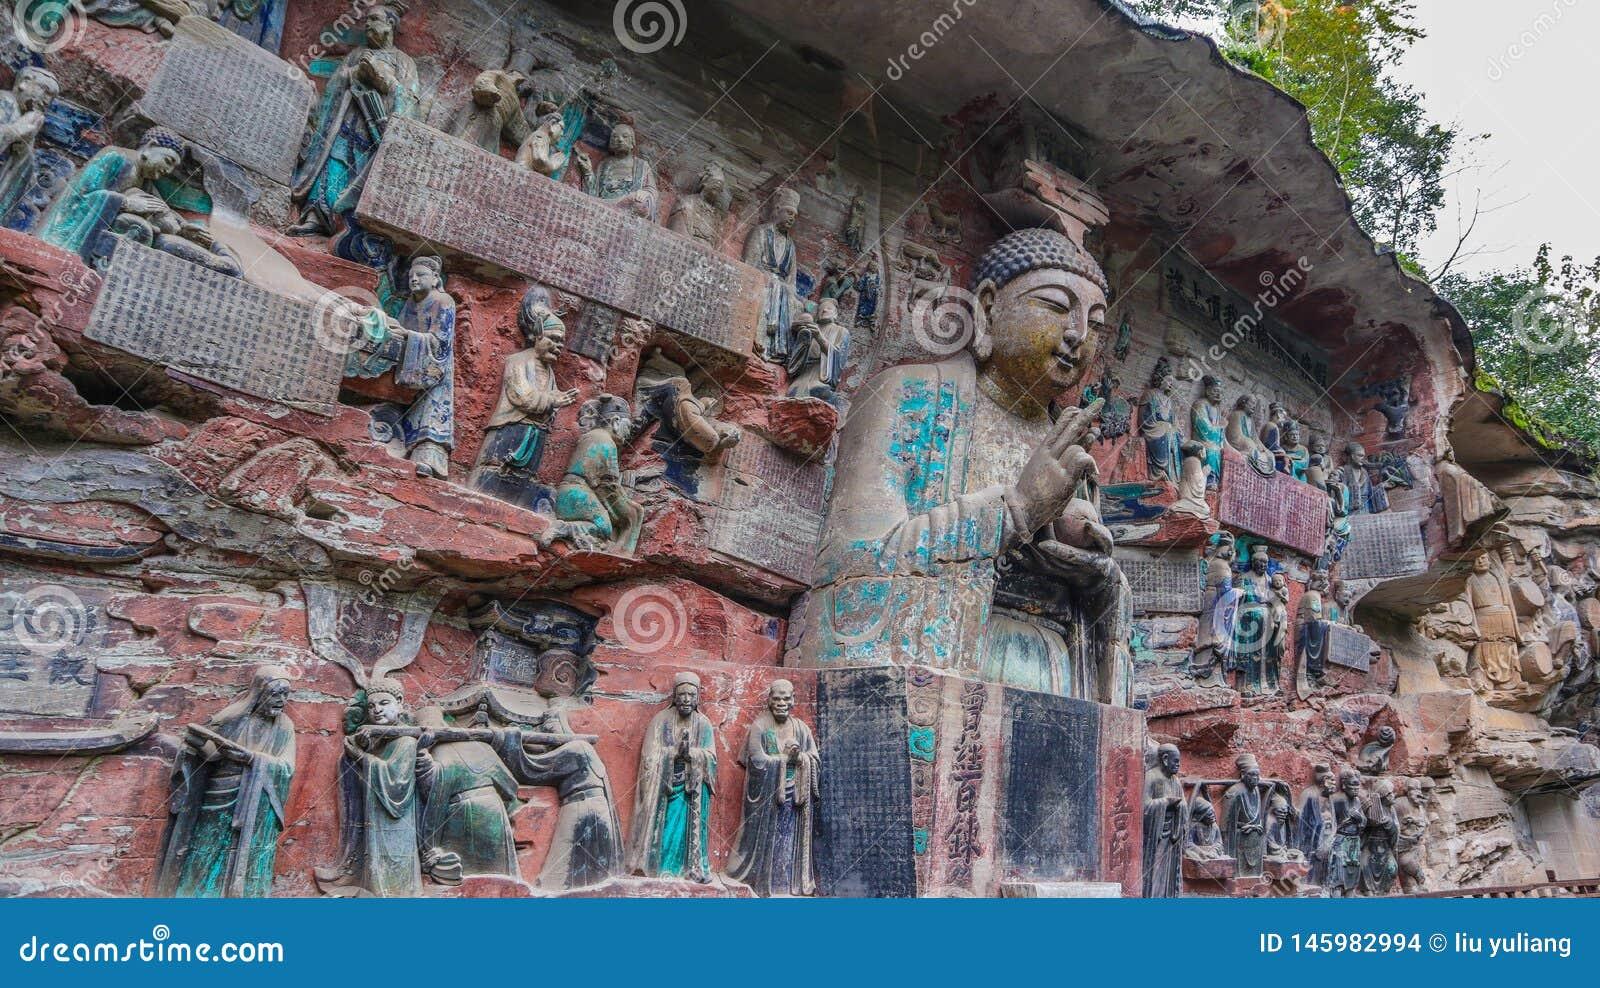 Kina Chongqing Dazu Rock Carvings,